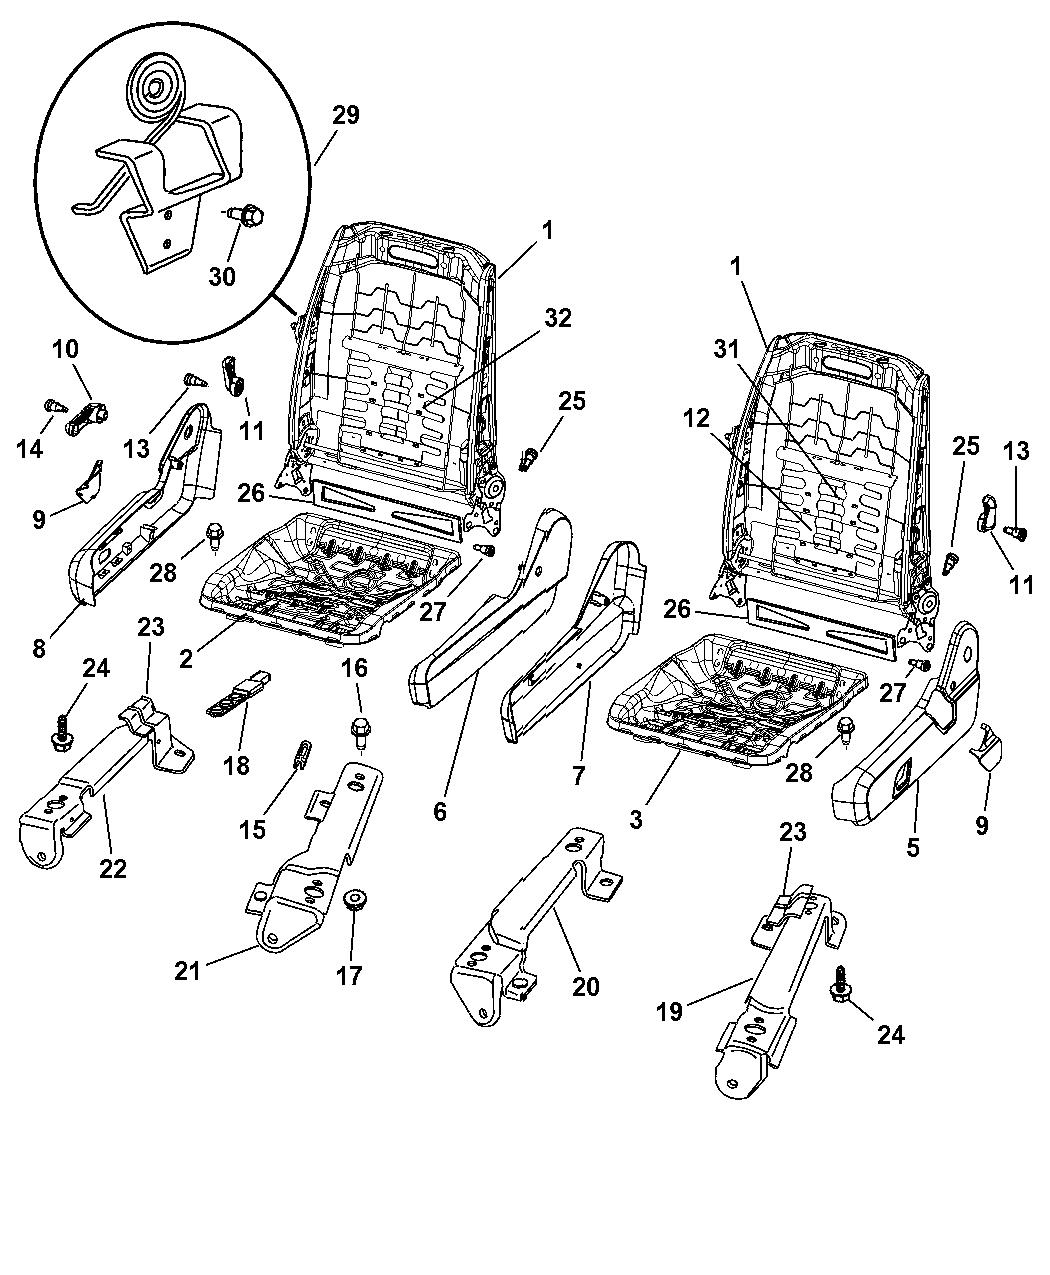 2005 dodge durango interior parts